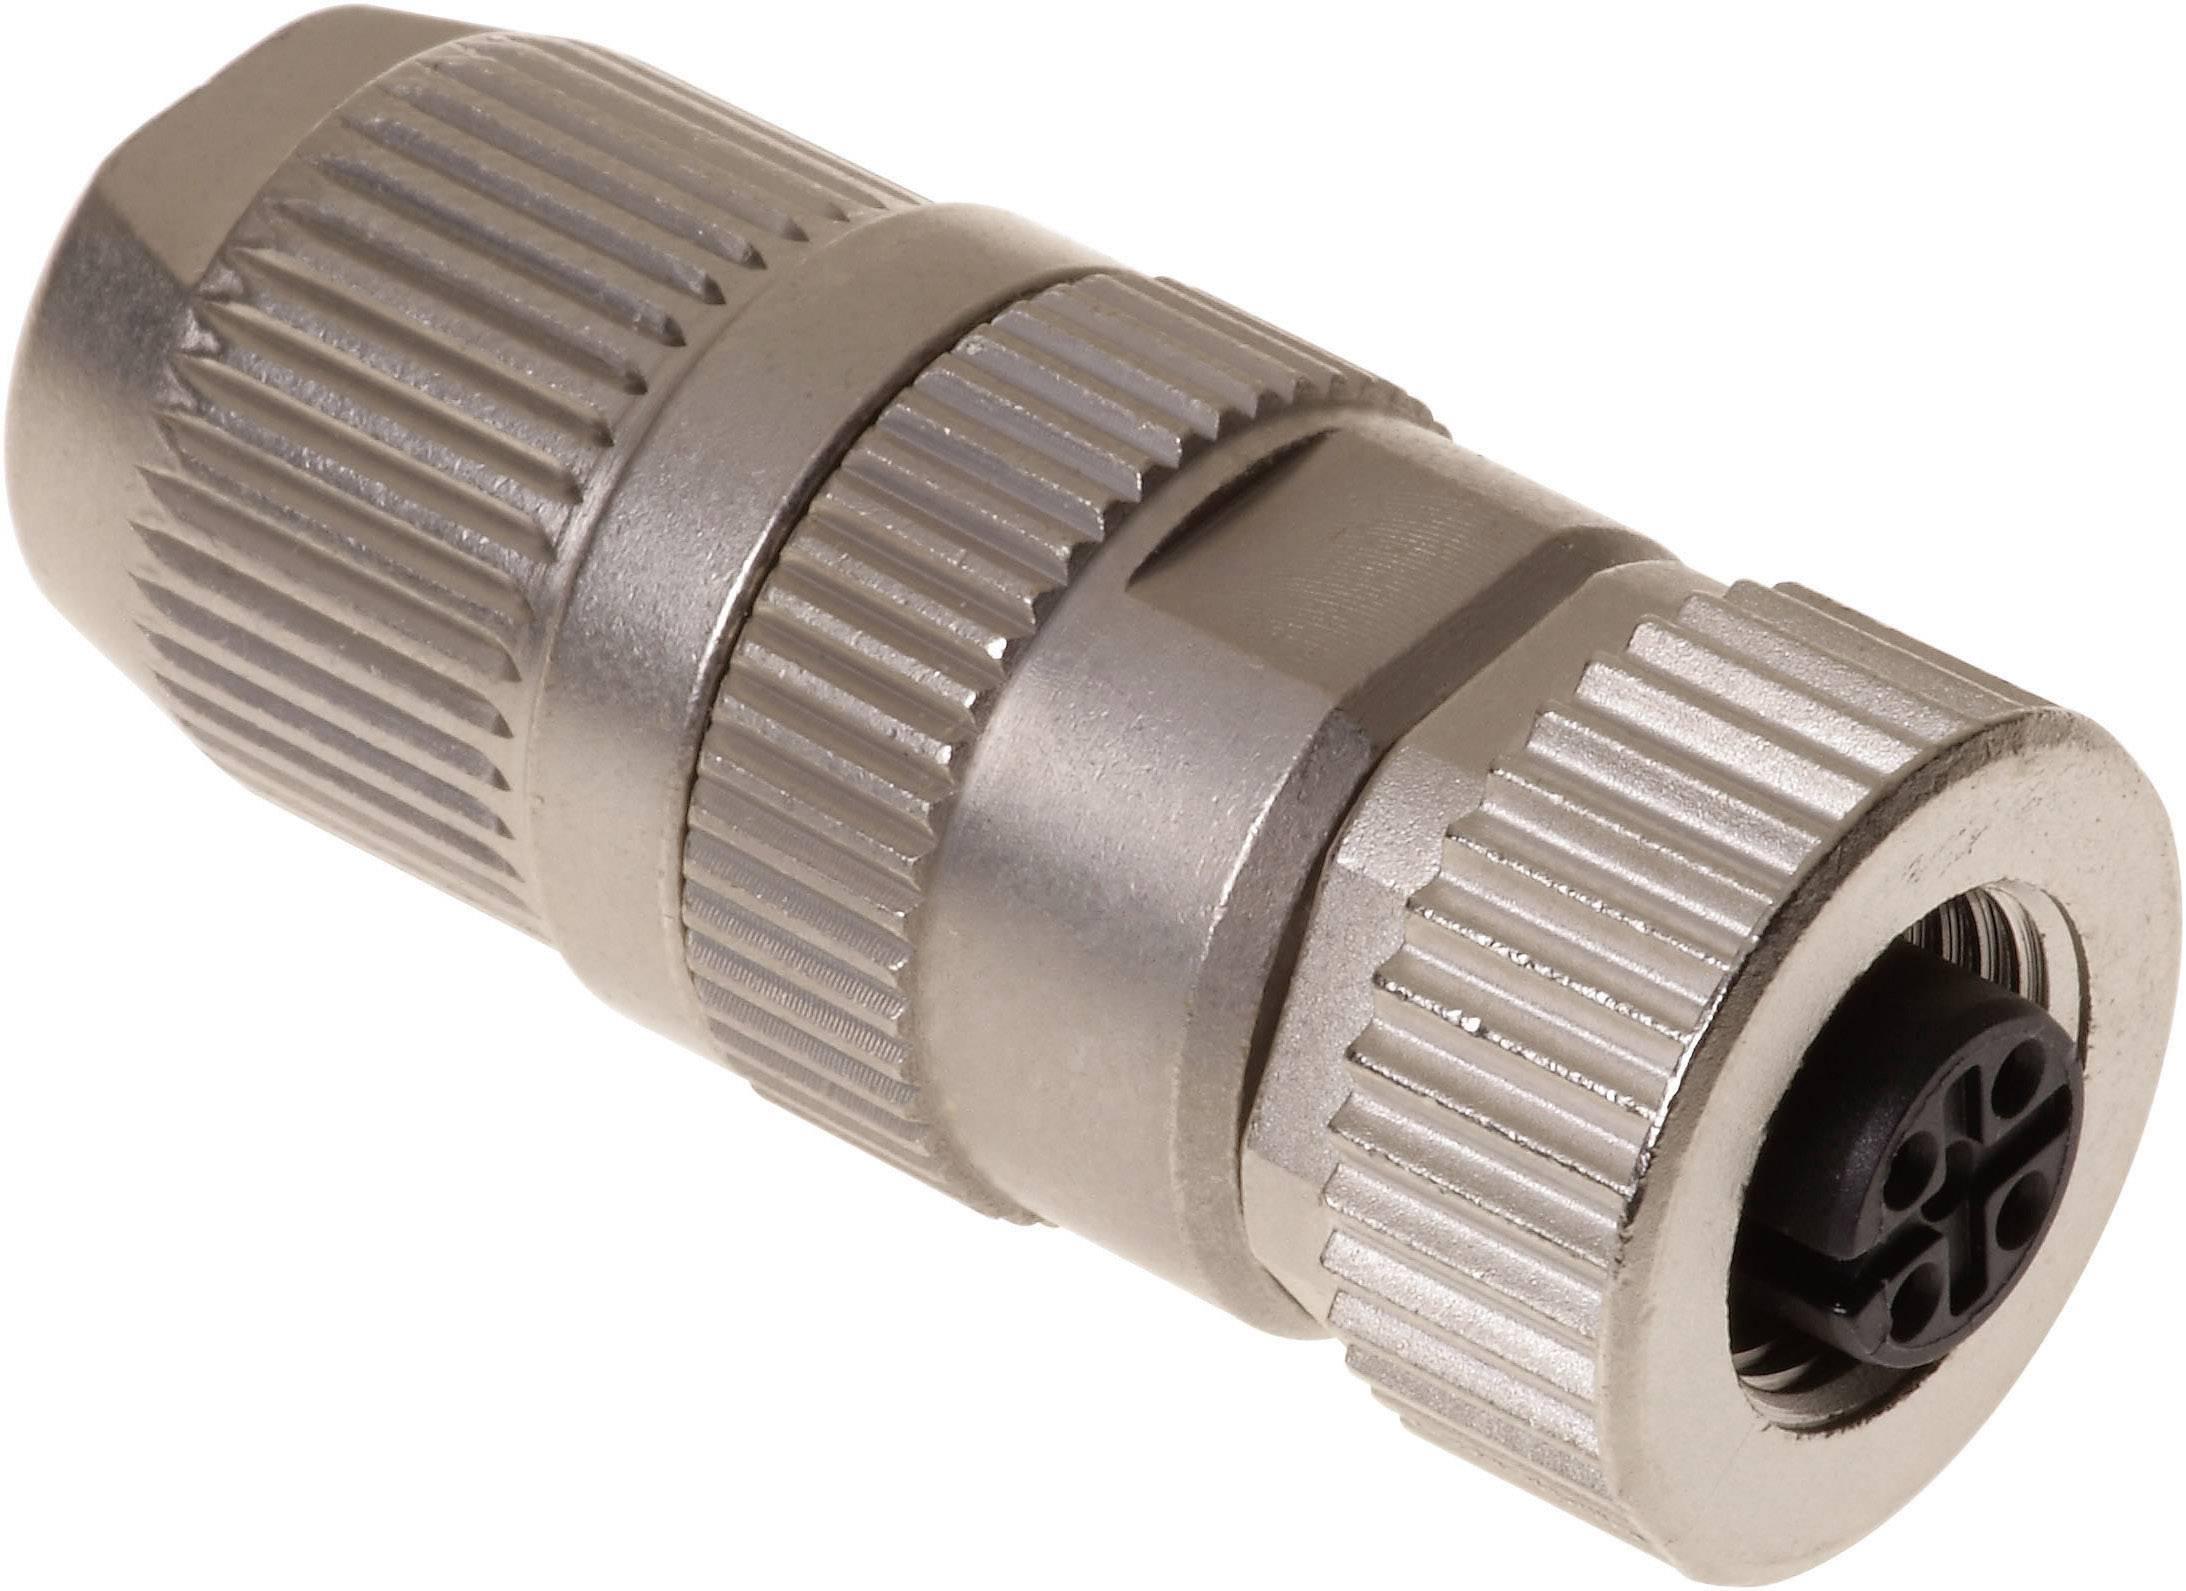 Neupravený zástrčkový konektor pre senzory - aktory Harting HARAX® M12-L 21 03 221 2405, 1 ks